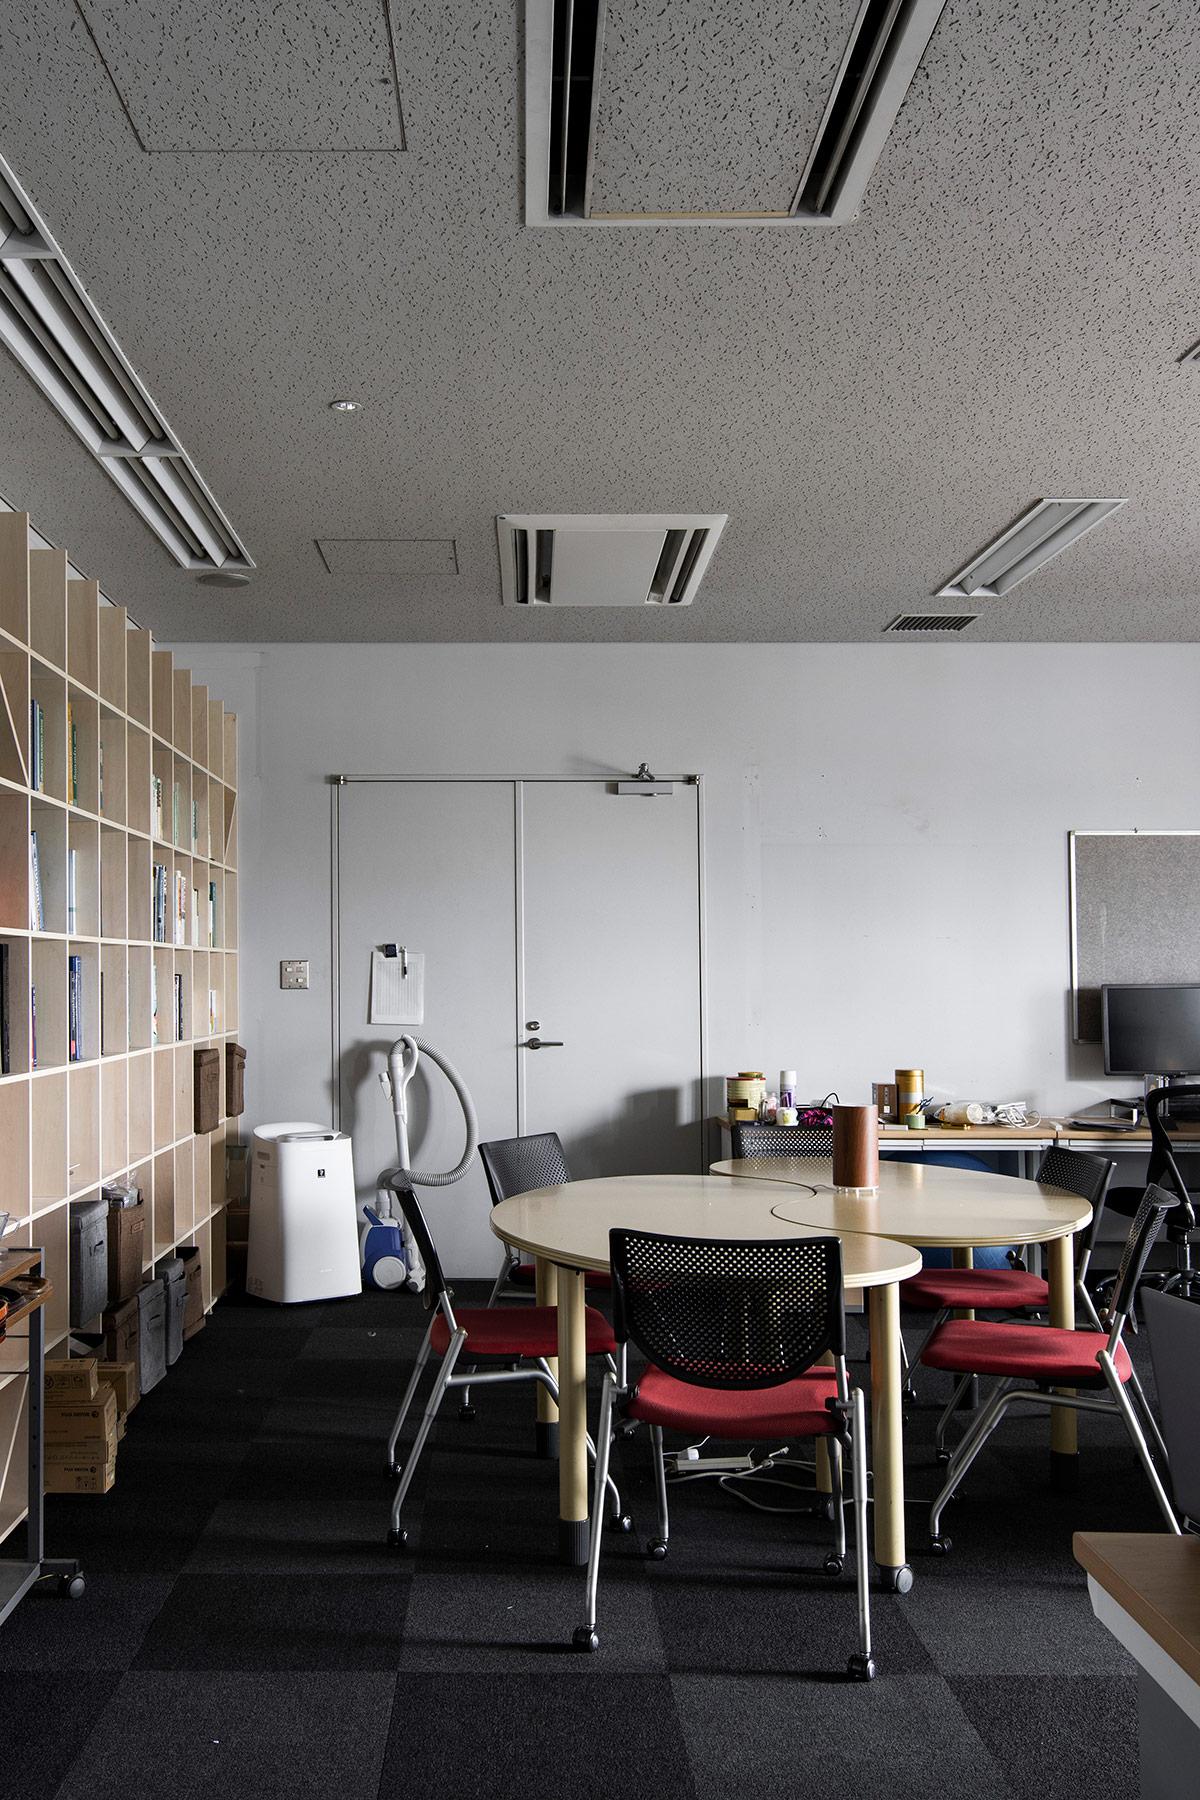 先端技術の大学研究室に | 壁一面の本棚 奥行250mm / Shelf (No.91) | マルゲリータ使用例 シンプル おしゃれ 部屋 インテリア レイアウト